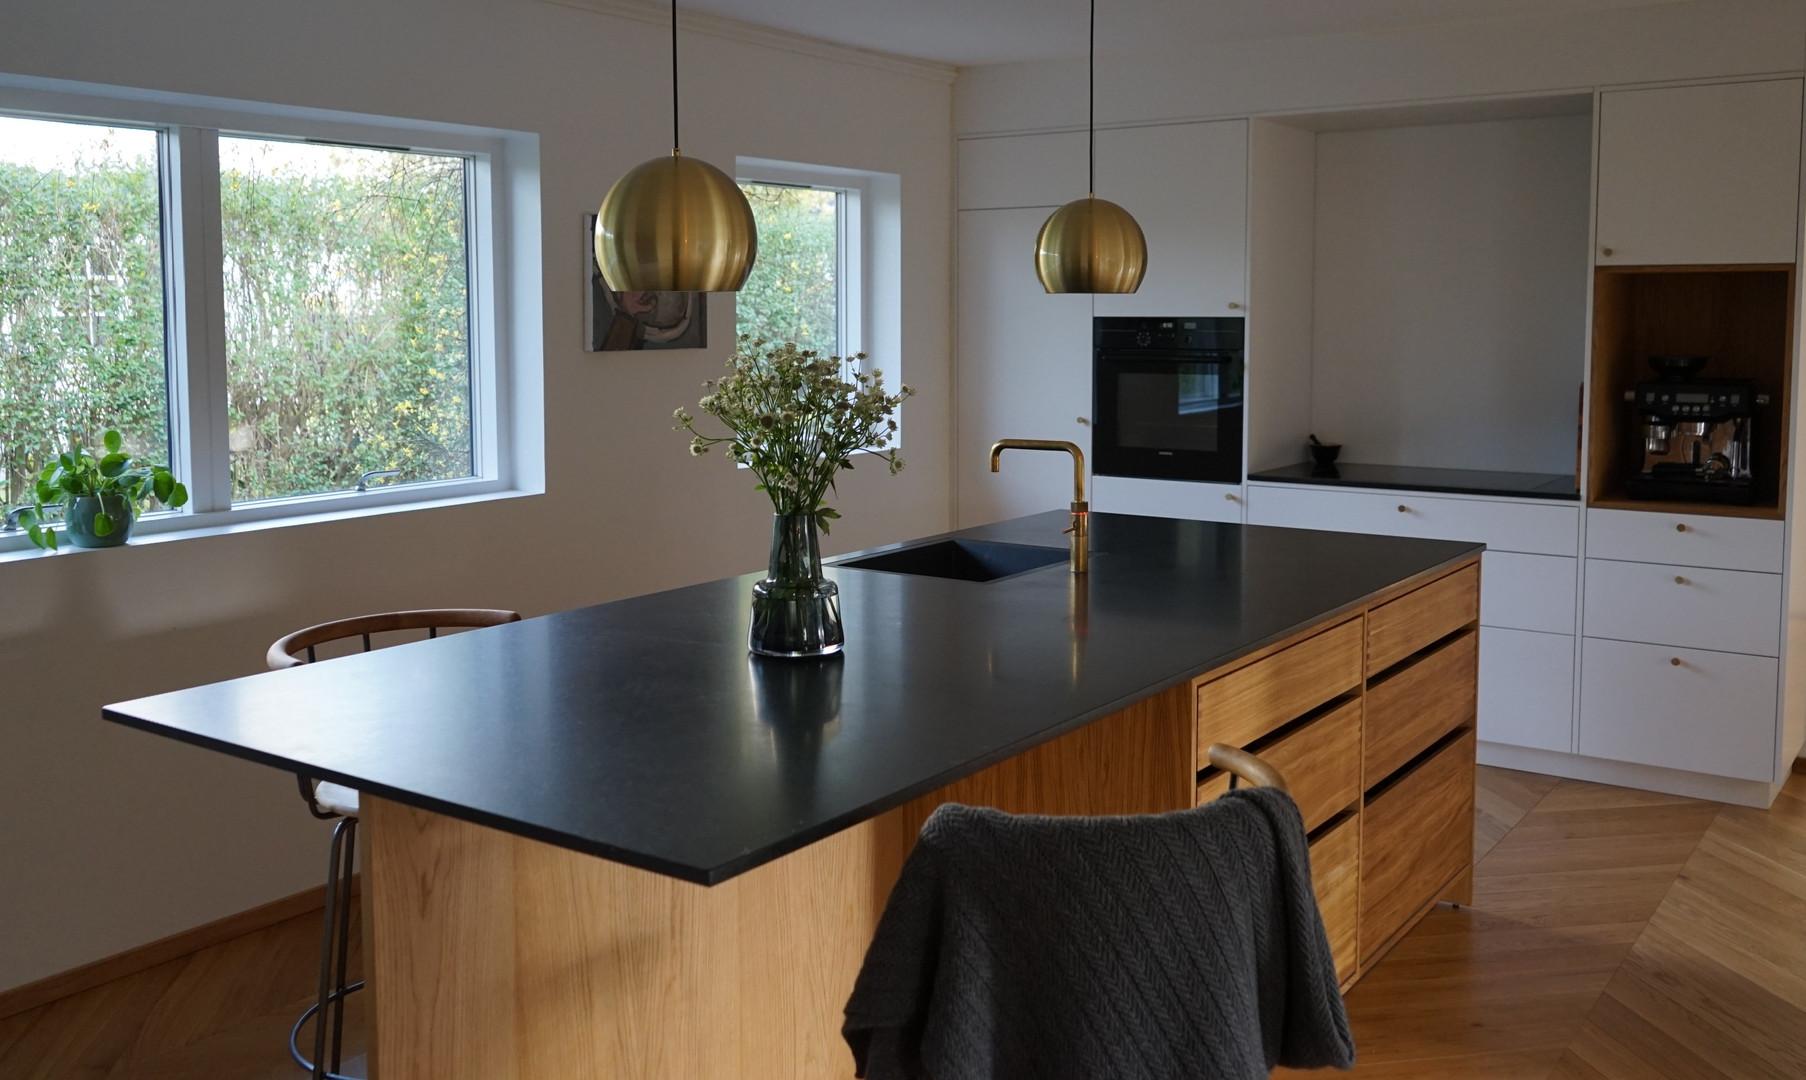 Køkken i egetræ med massive fingertappede skuffer og malet skabsvæg